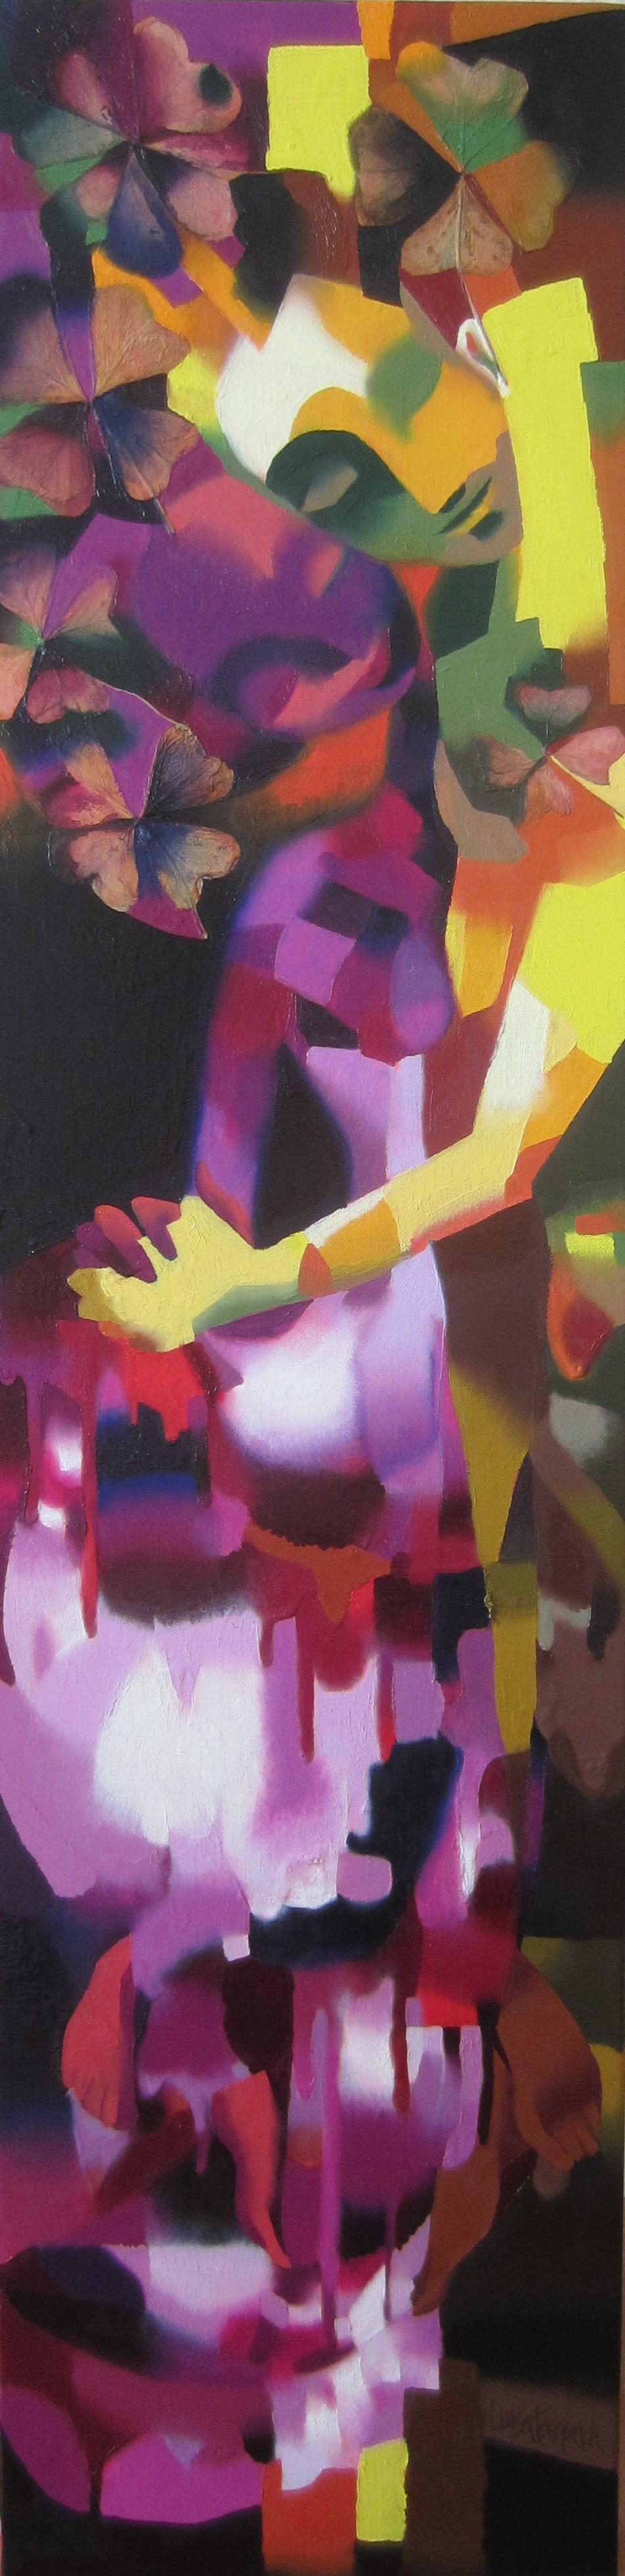 Amour - huile sur toile - 120 x 30